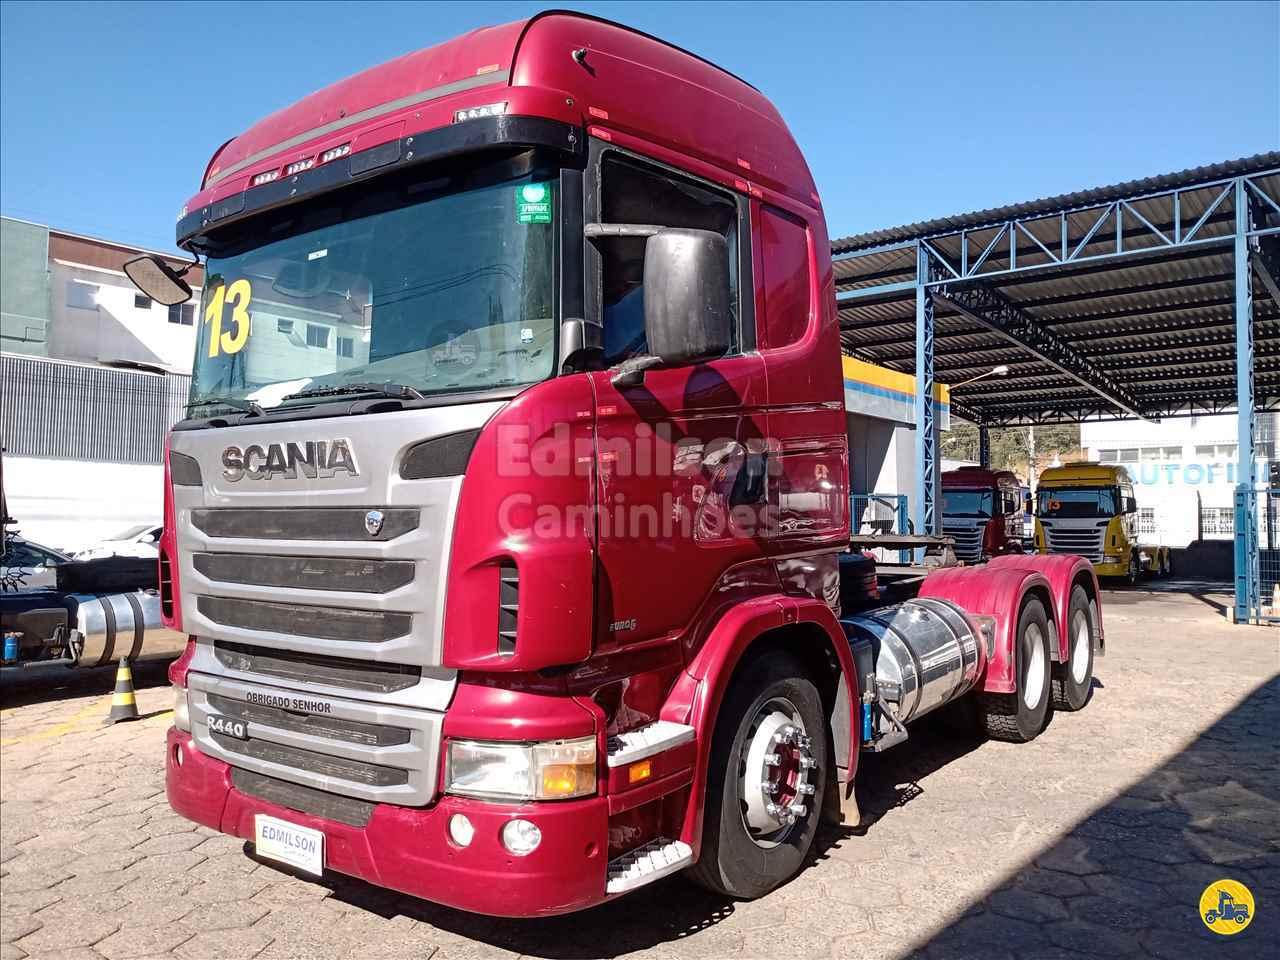 CAMINHAO SCANIA SCANIA 440 Cavalo Mecânico Traçado 6x4 Edmilson Caminhões Itajubá MG ITAJUBA MINAS GERAIS MG